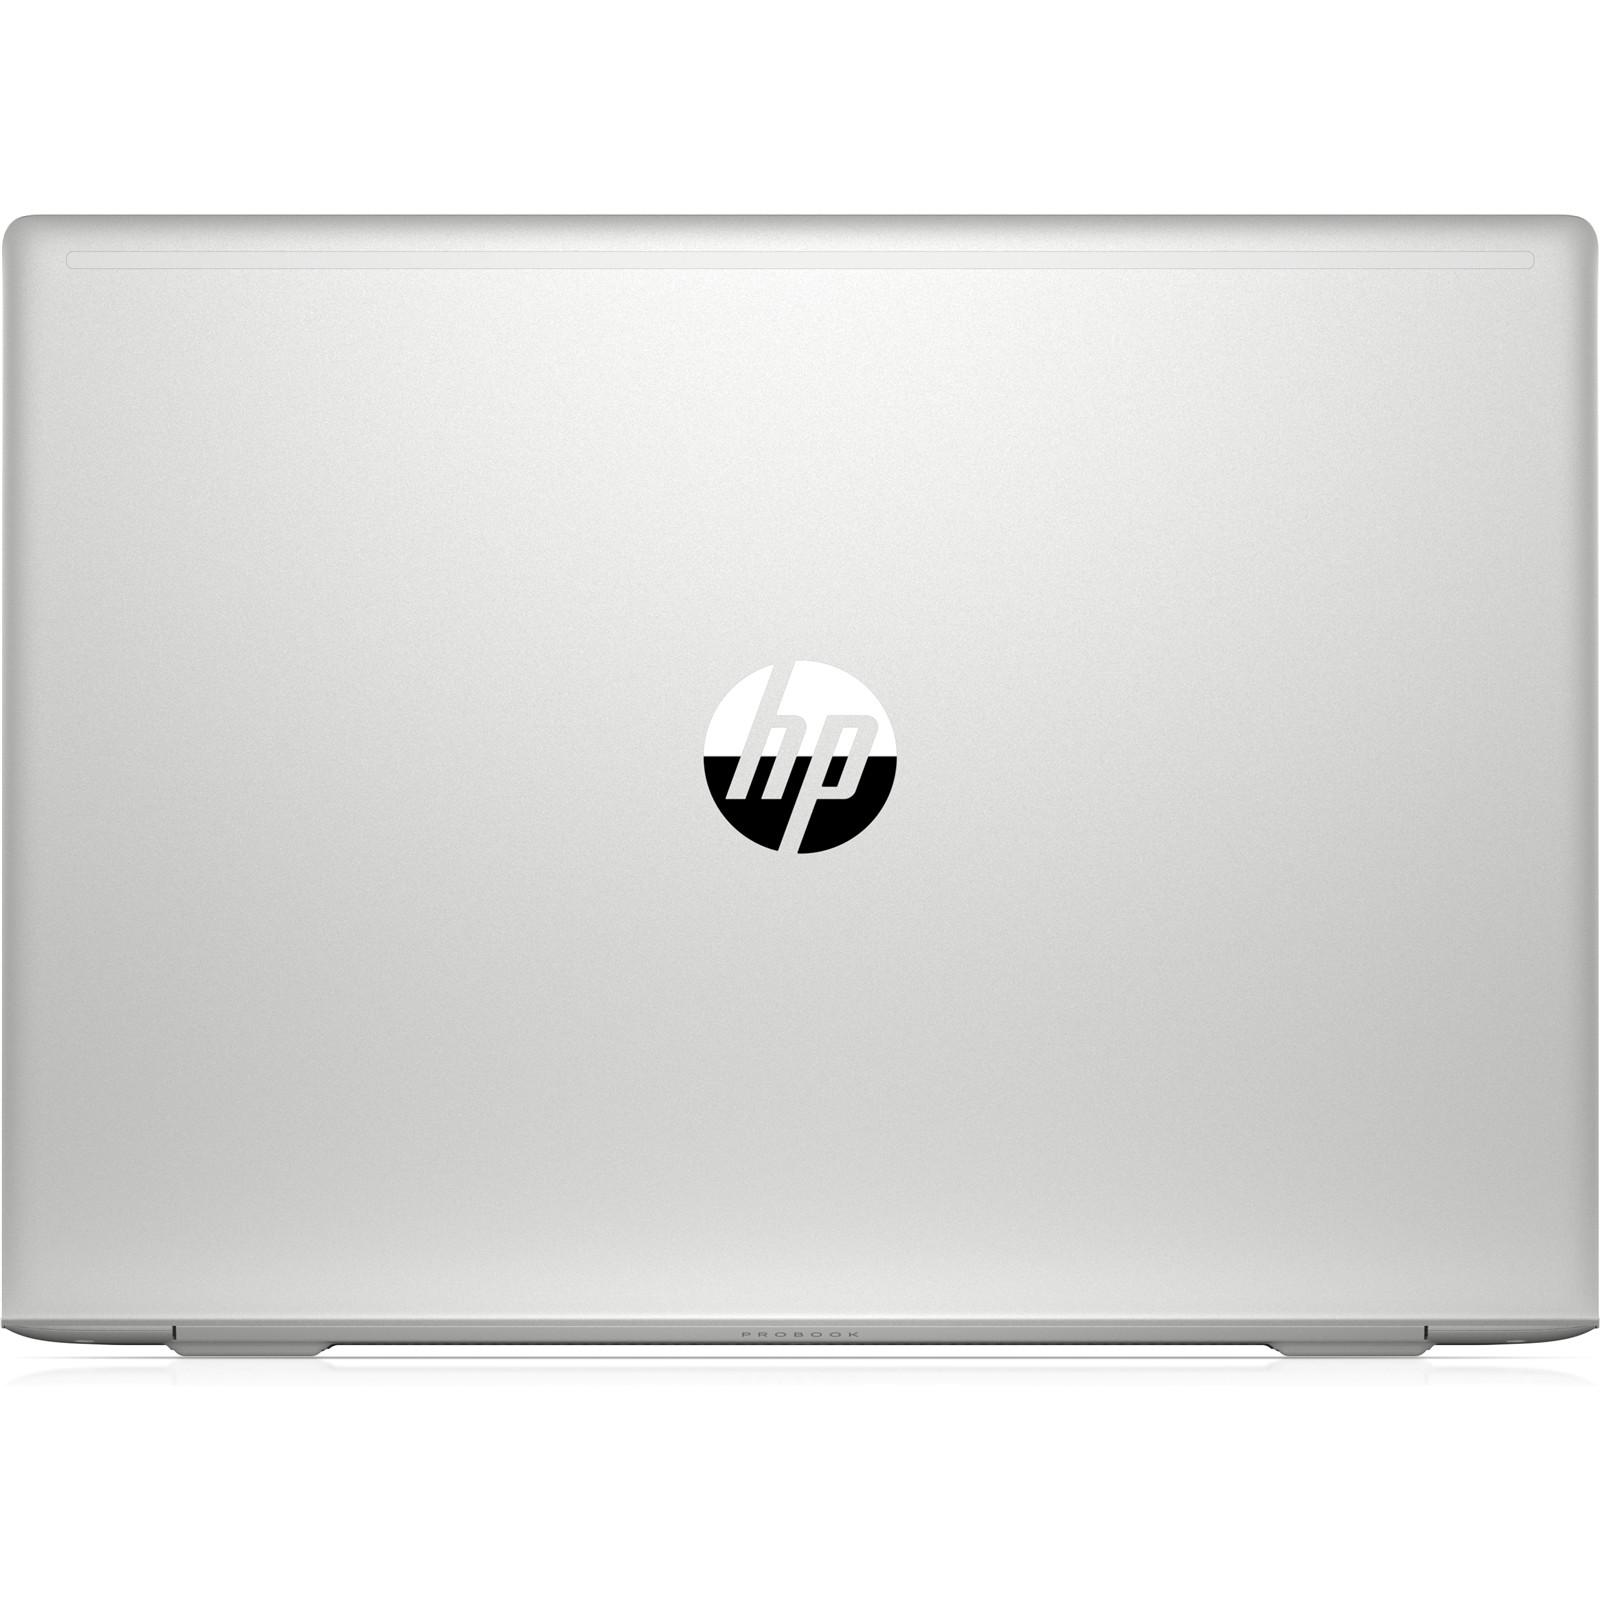 98548134e7e5d Buy the HP Probook 450 G6 Laptop 15.6